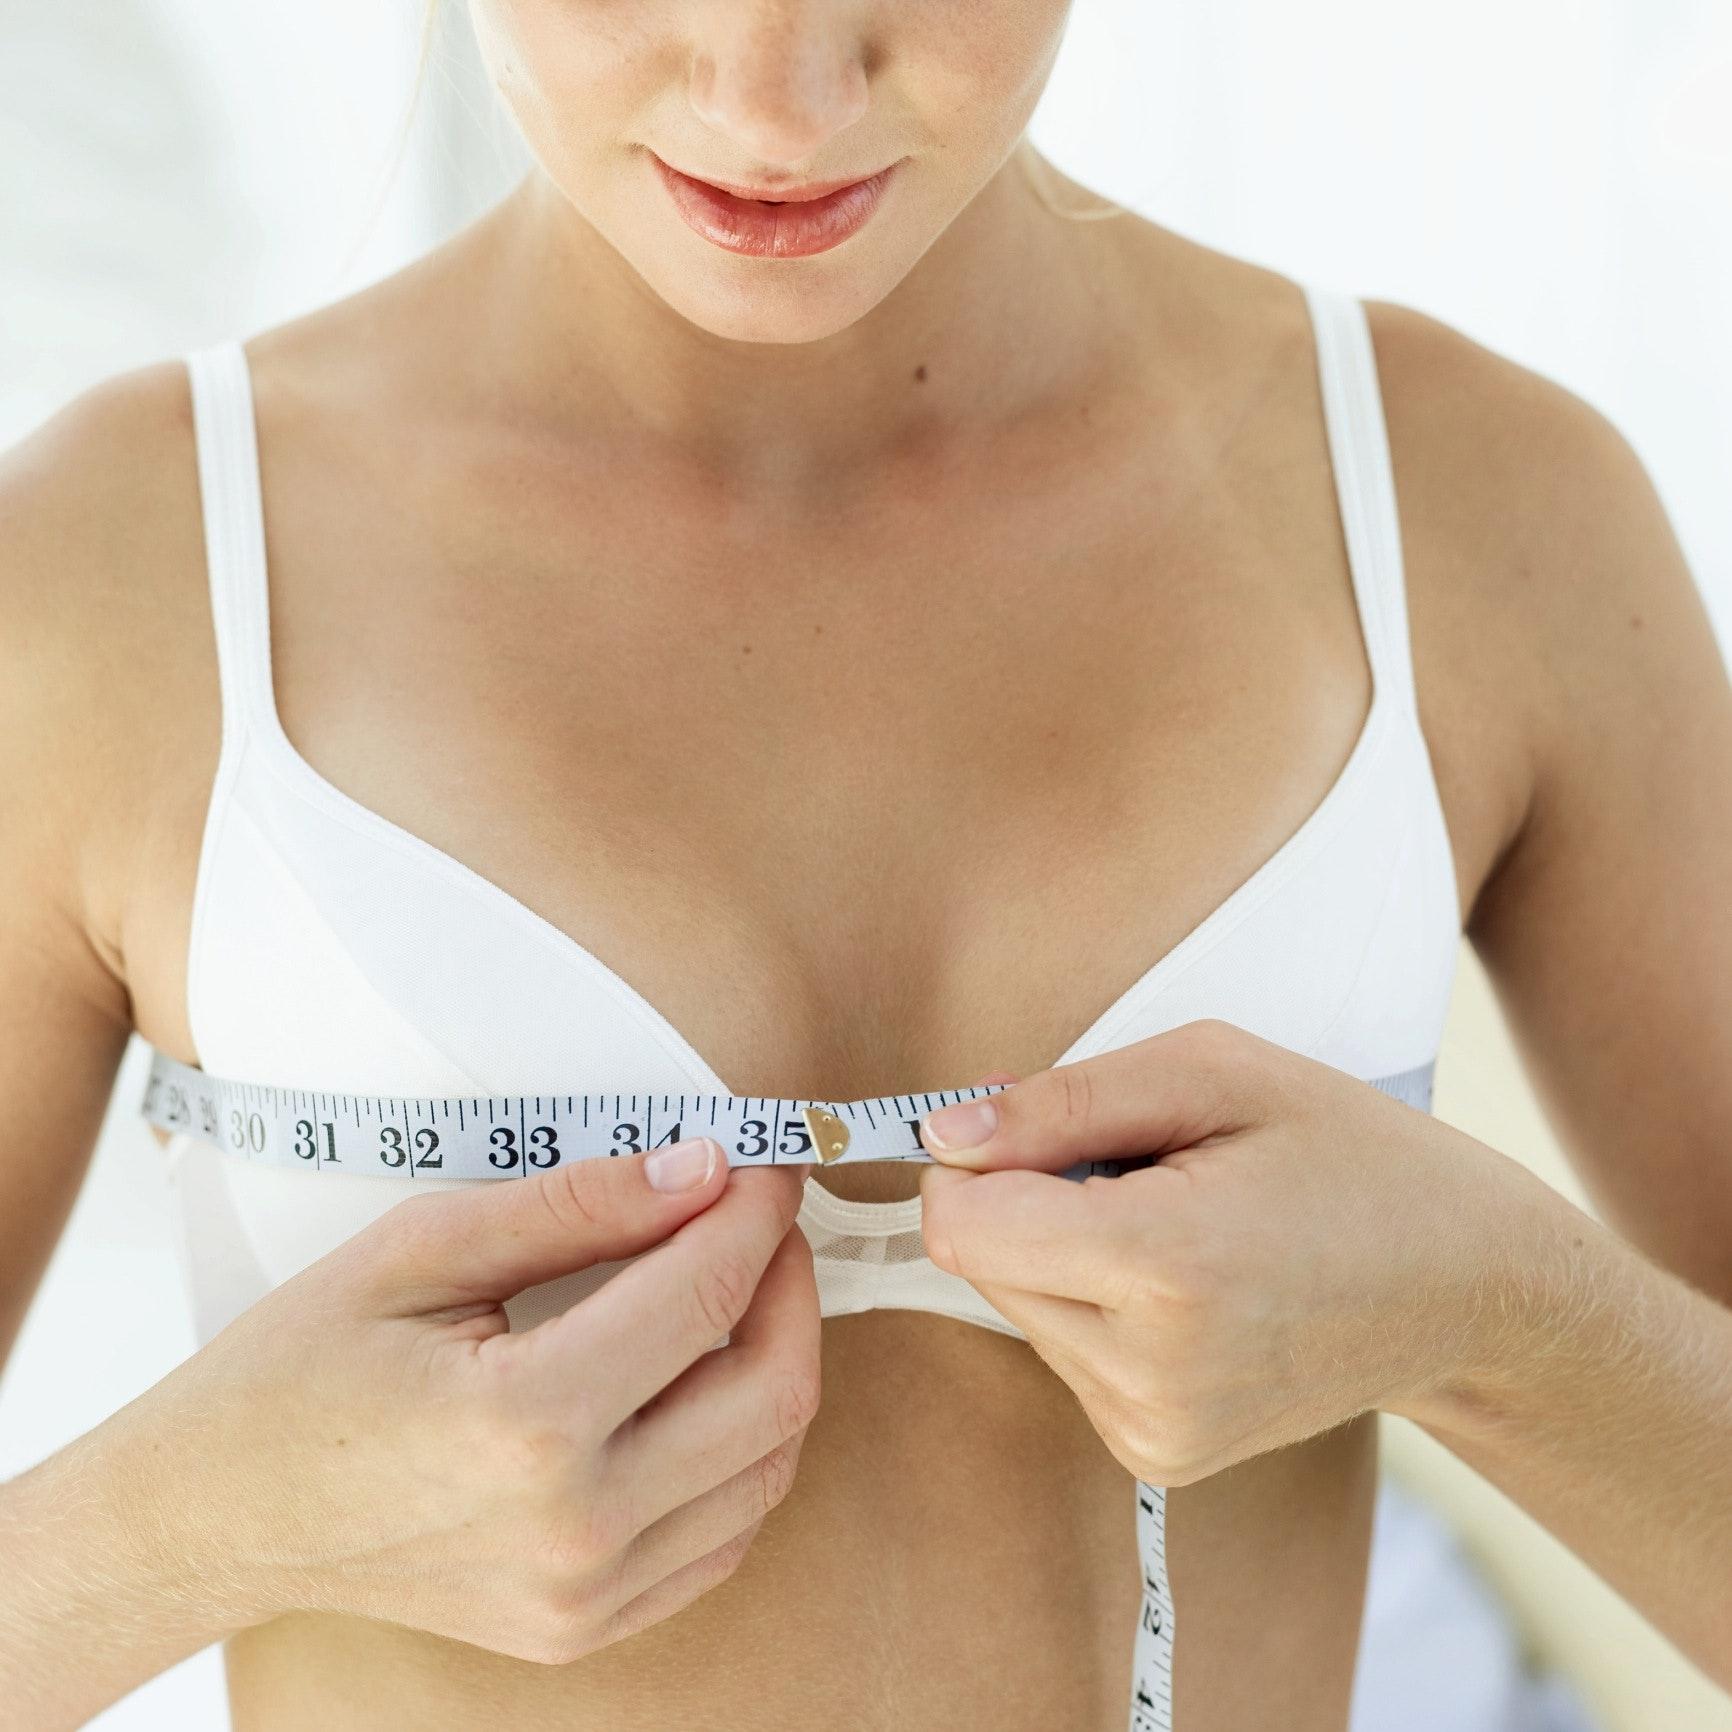 store damer uden tøj hvordan får du mindre bryster